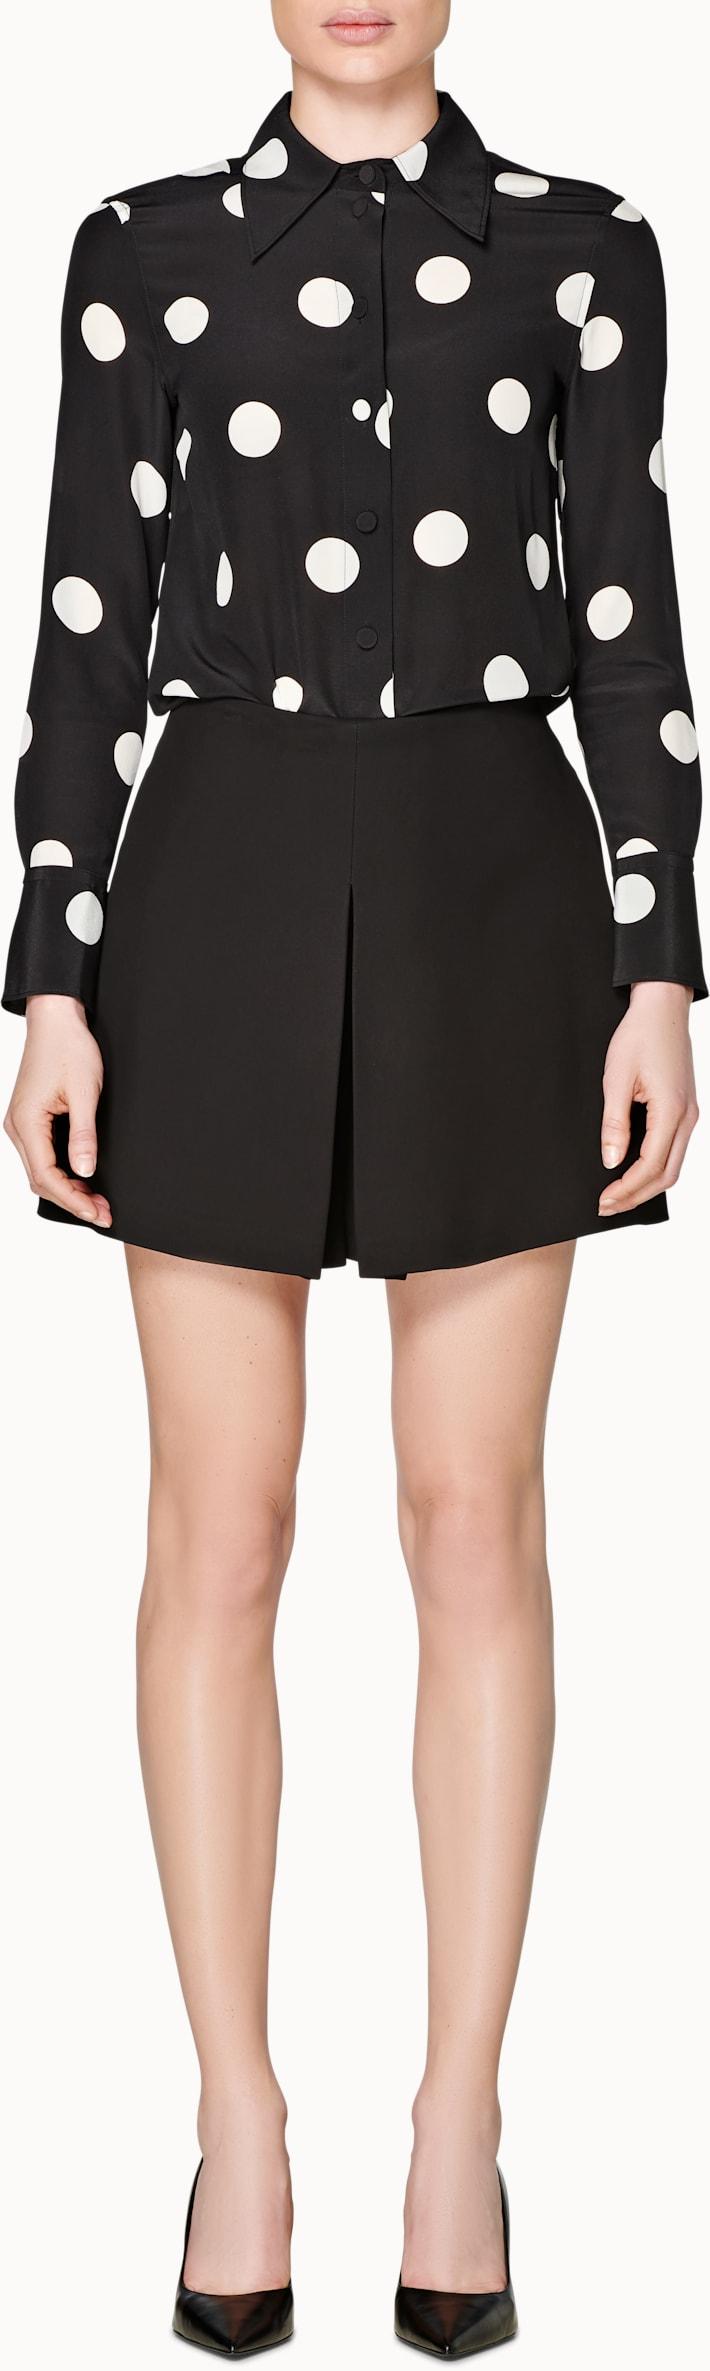 Devon Black Plain Skirt